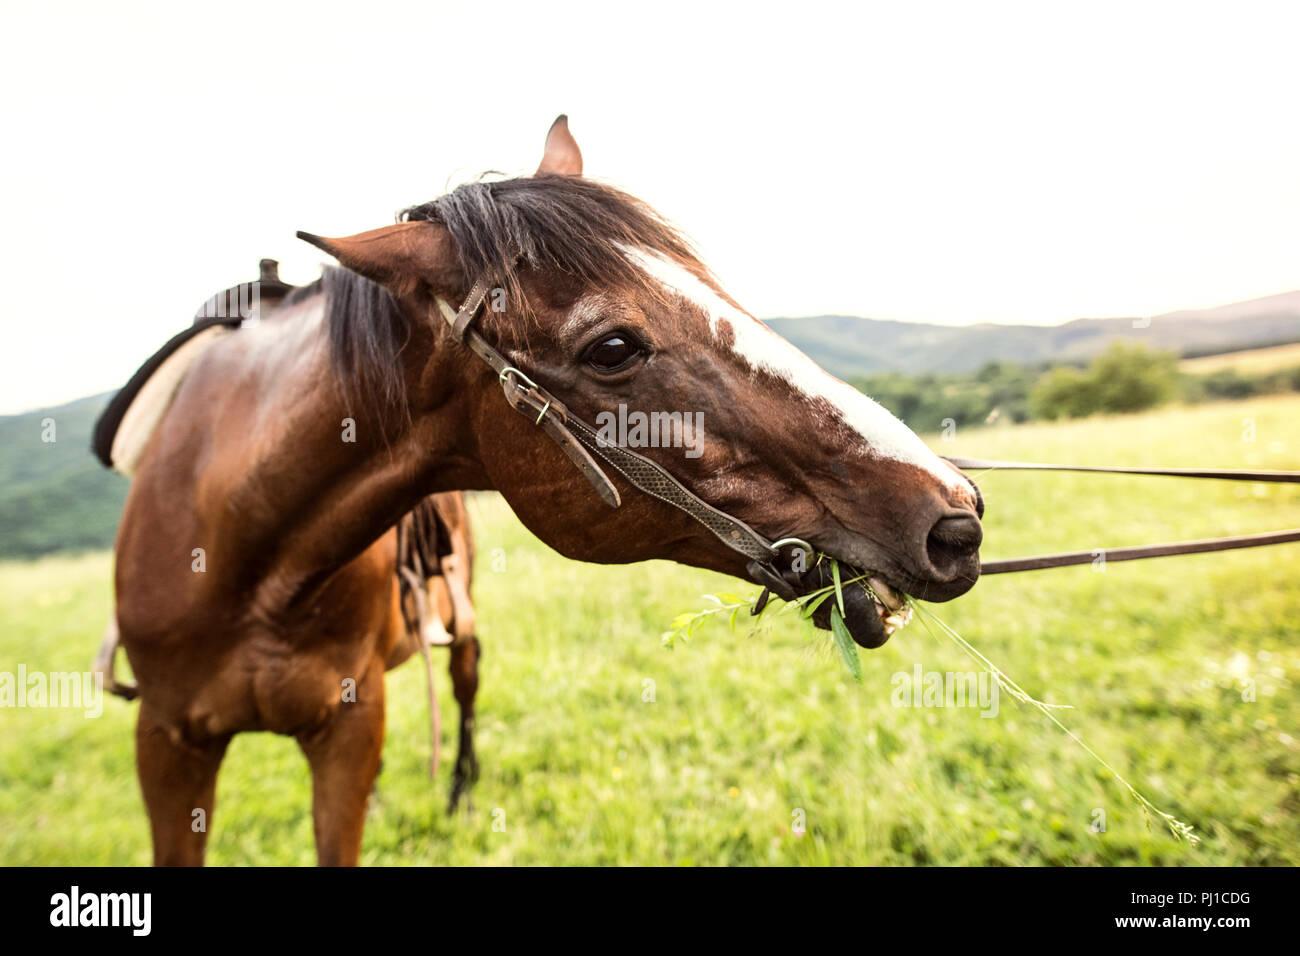 Un marrone di equitazione mangiare erba, tenuto da qualcuno. Immagini Stock